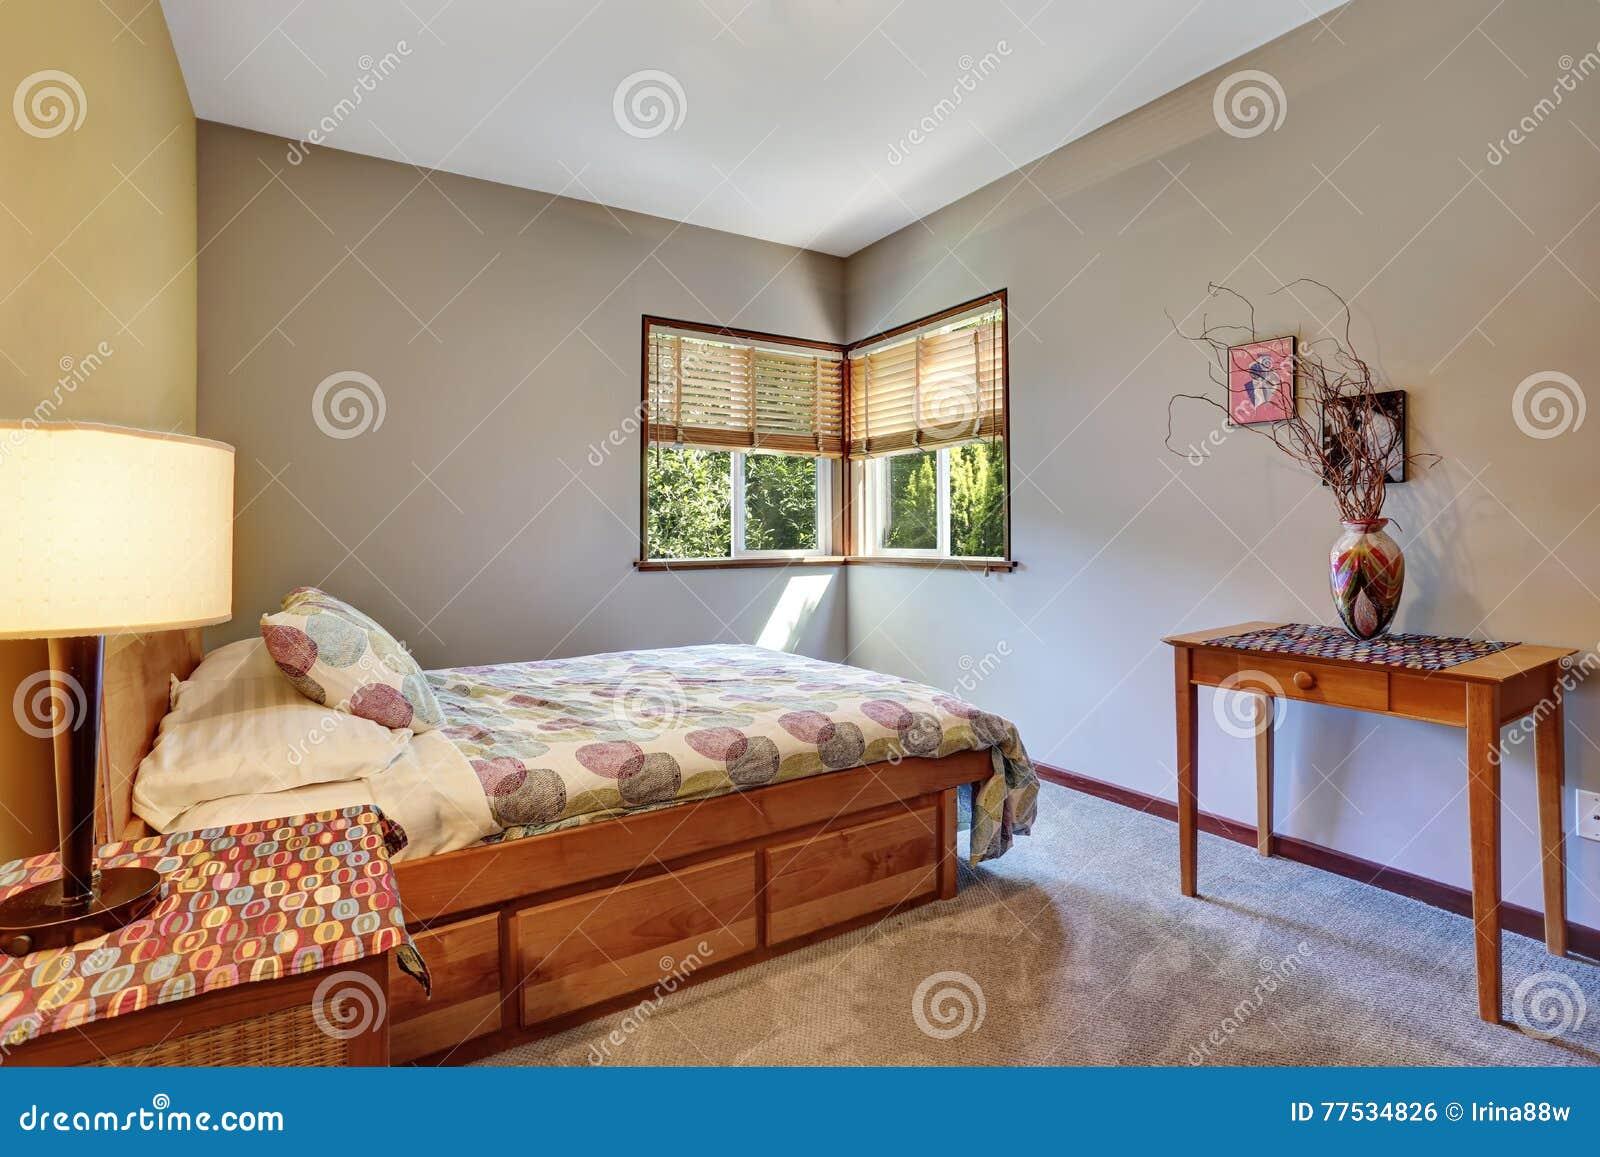 Trevligt Sovrum Med Det Minsta Design Och Mattgolvet Arkivfoto Bild 77534826